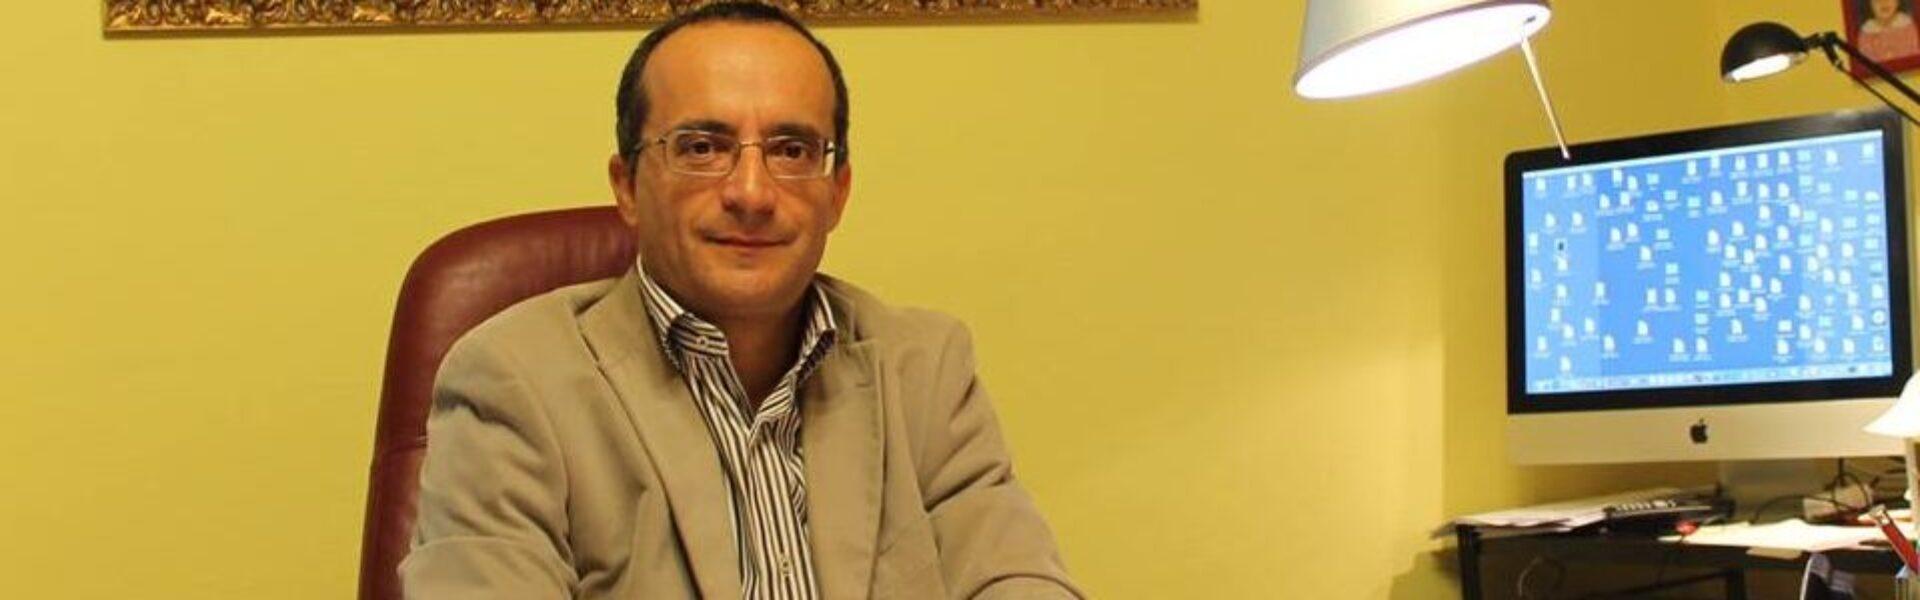 Gianfranco Meazza